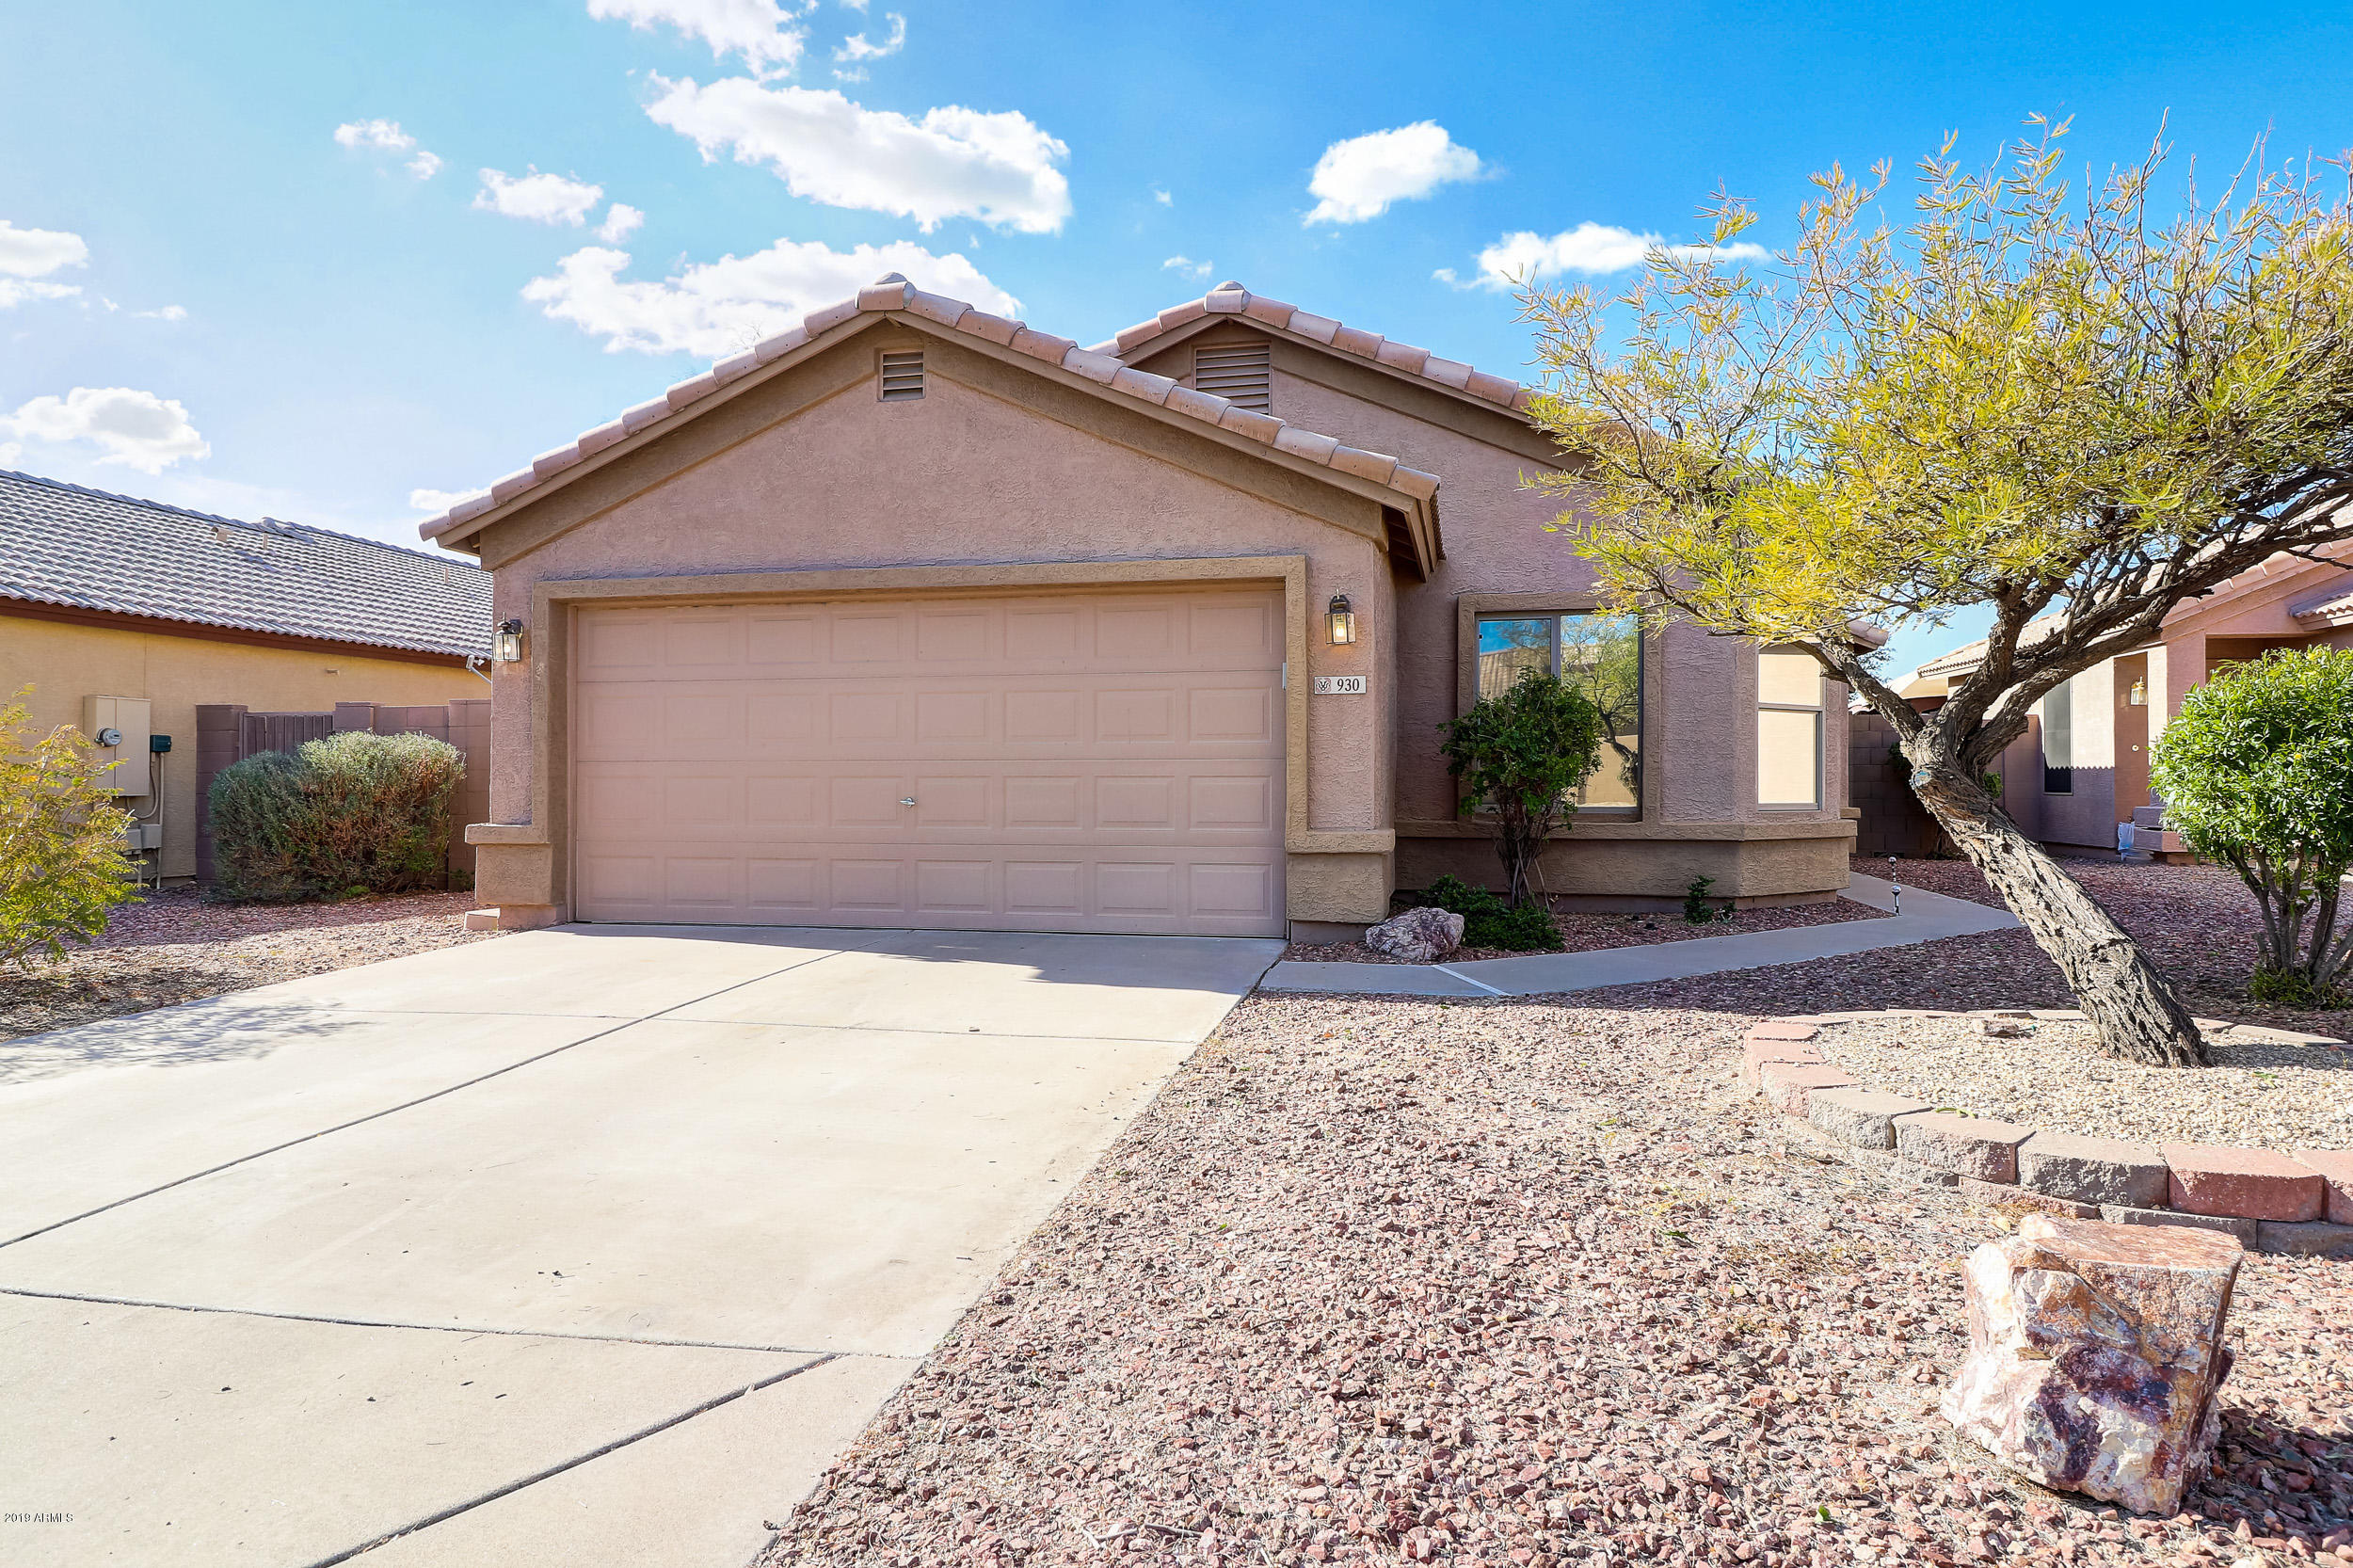 Photo of 930 S VEGAS --, Mesa, AZ 85208